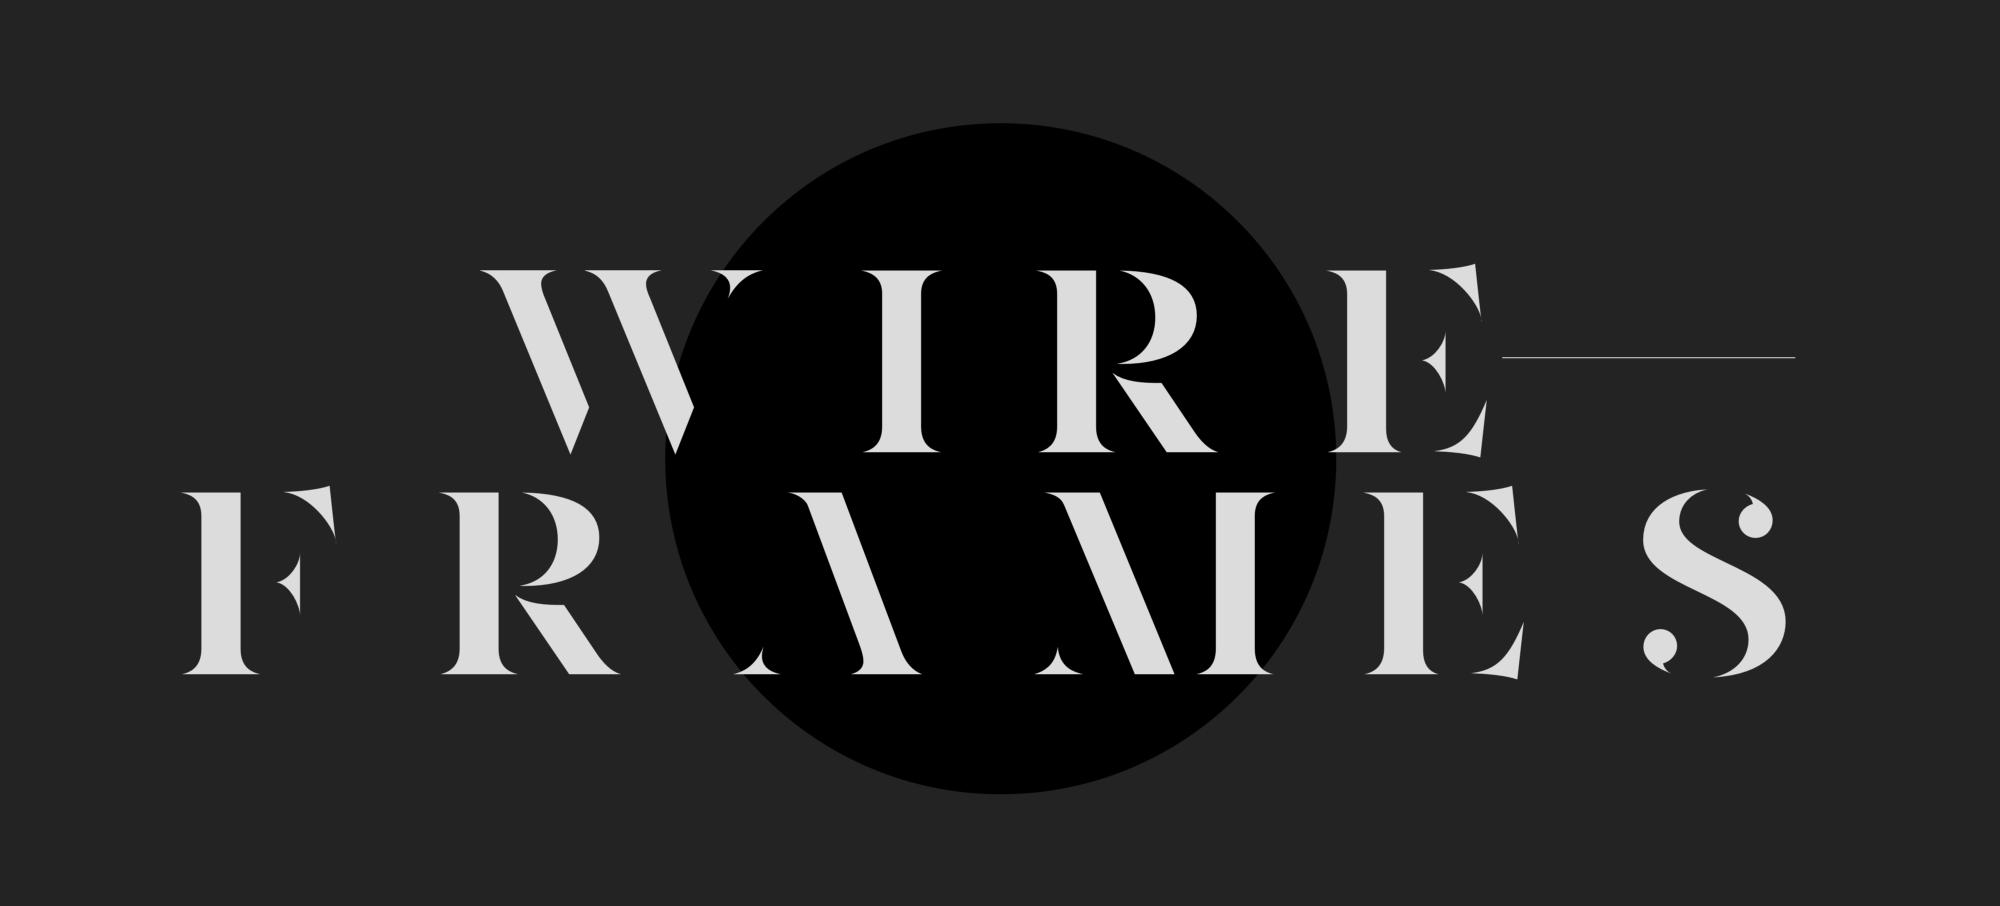 Webデザイナーの私が1年以上ワイヤーフレームを使用しなかった理由